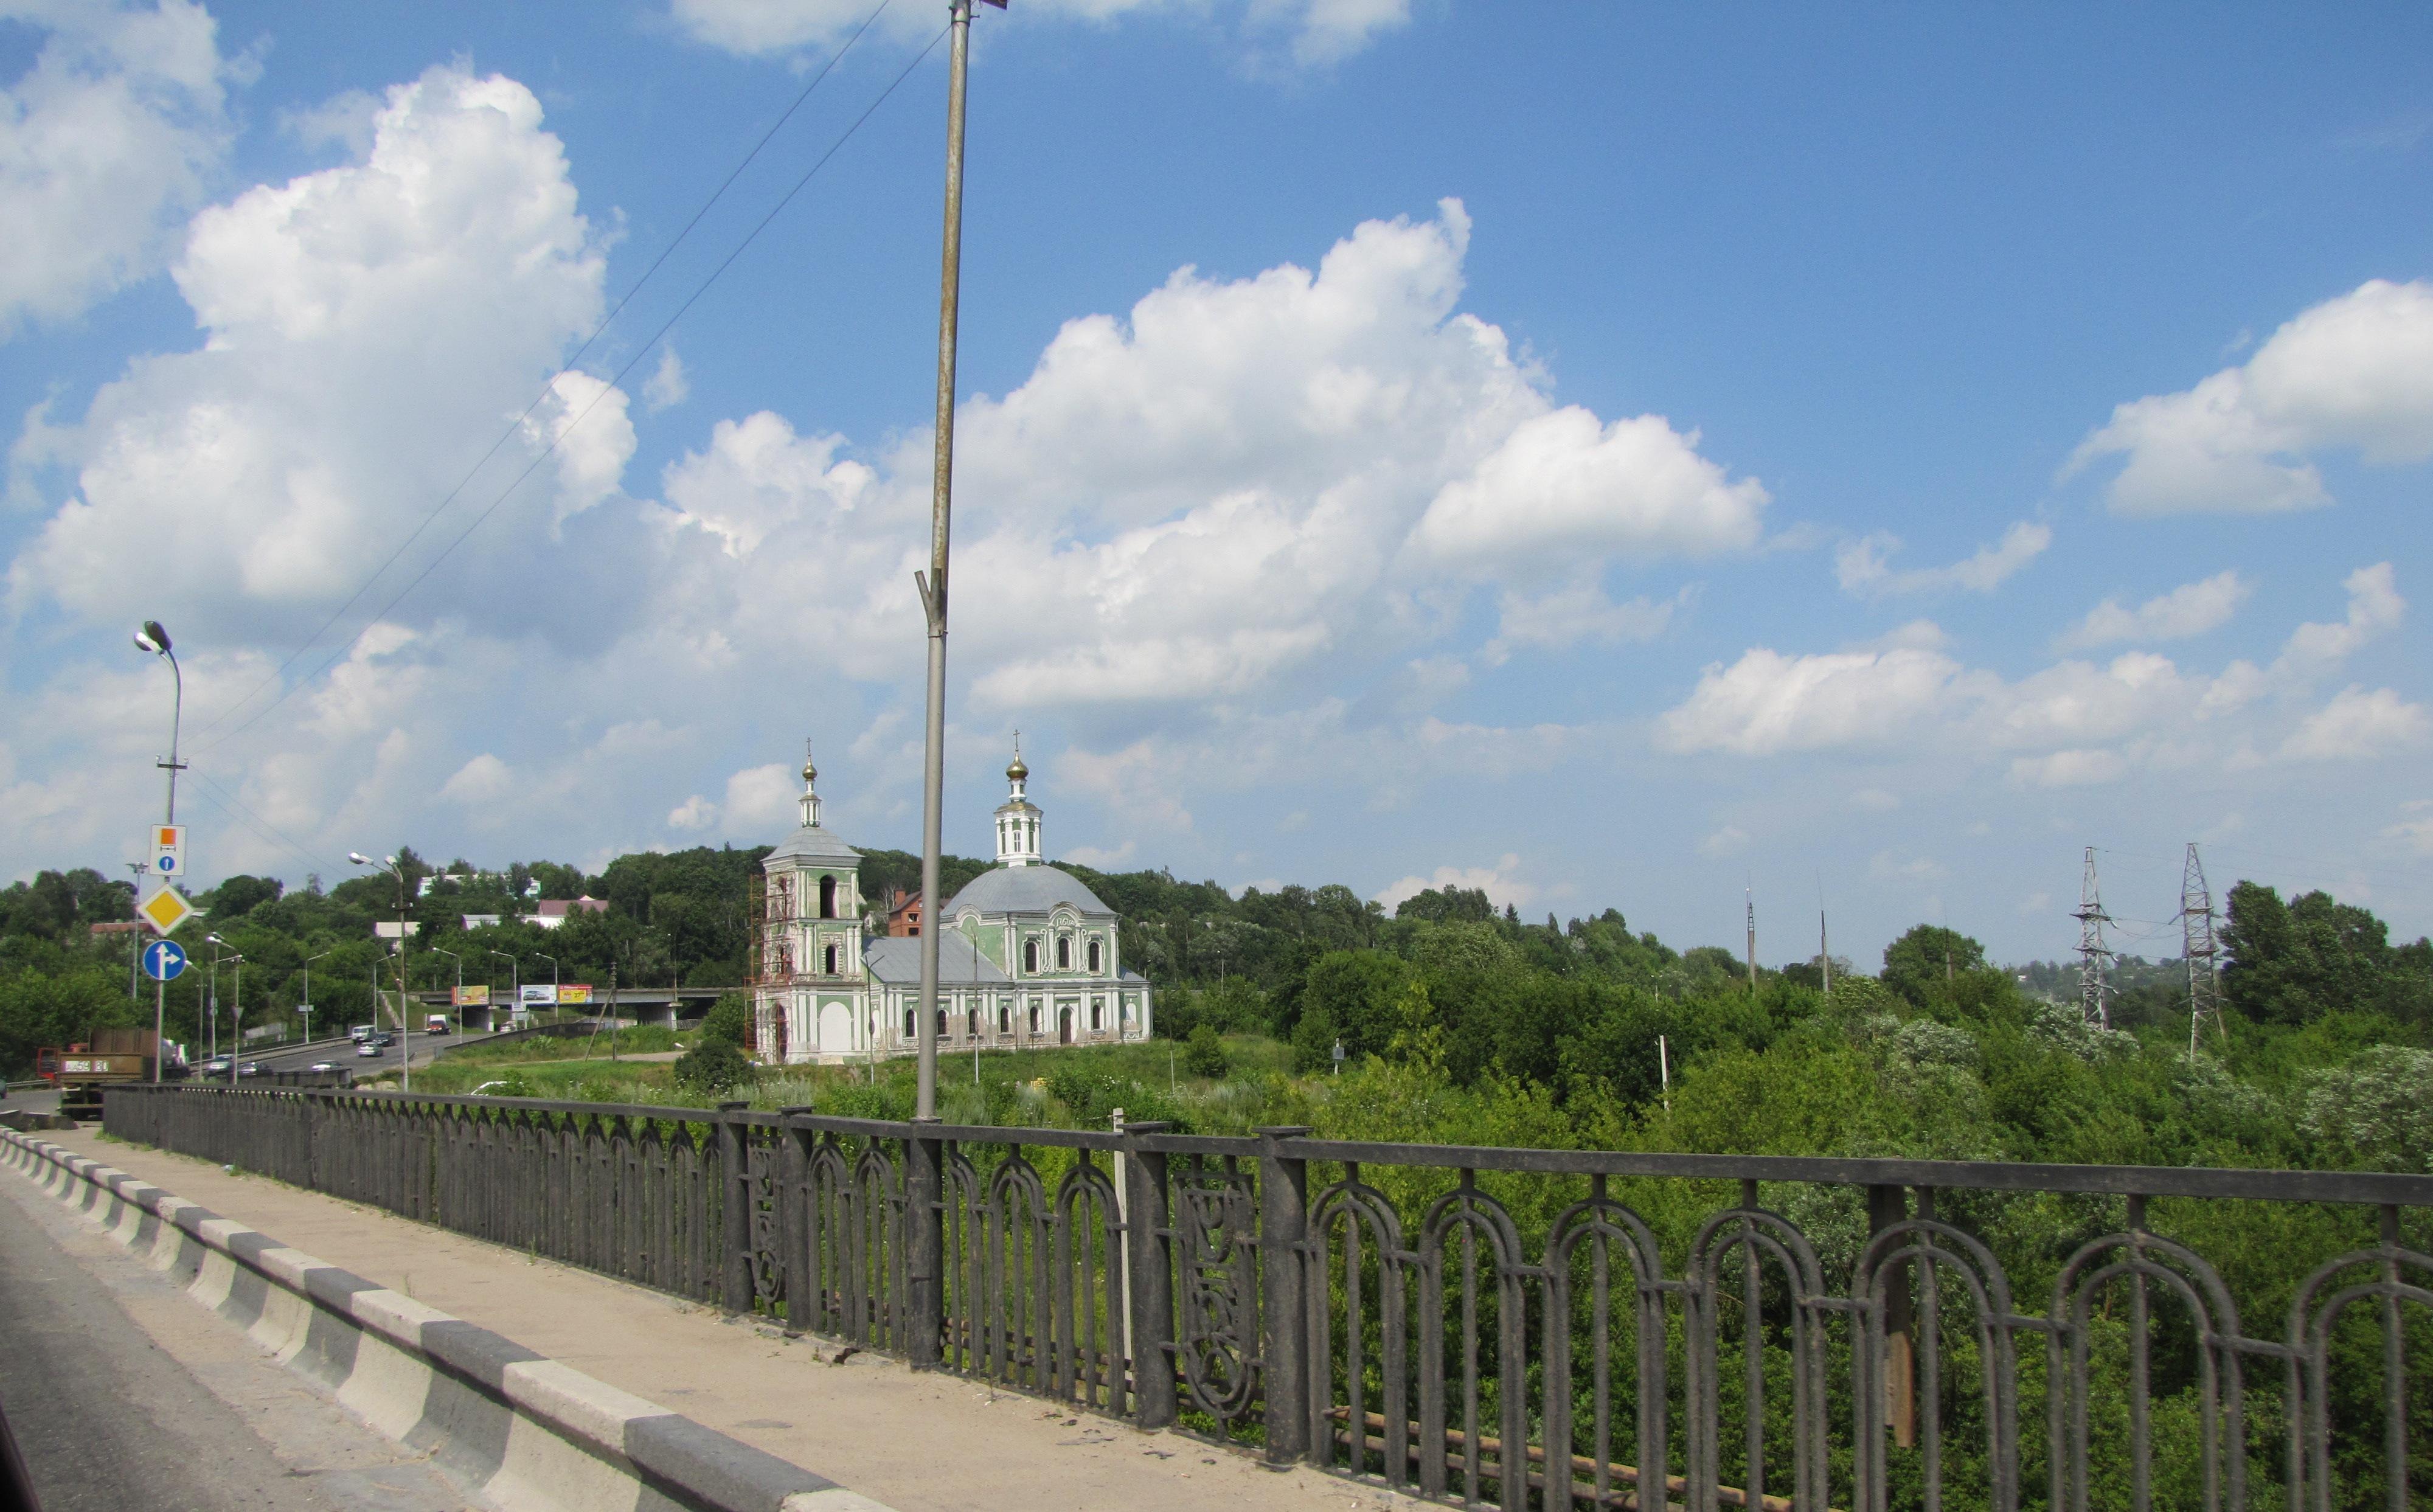 Памятное место, где в 1903 году состоялась маевка рабочих, в районе Крестовоздвиженской церкви